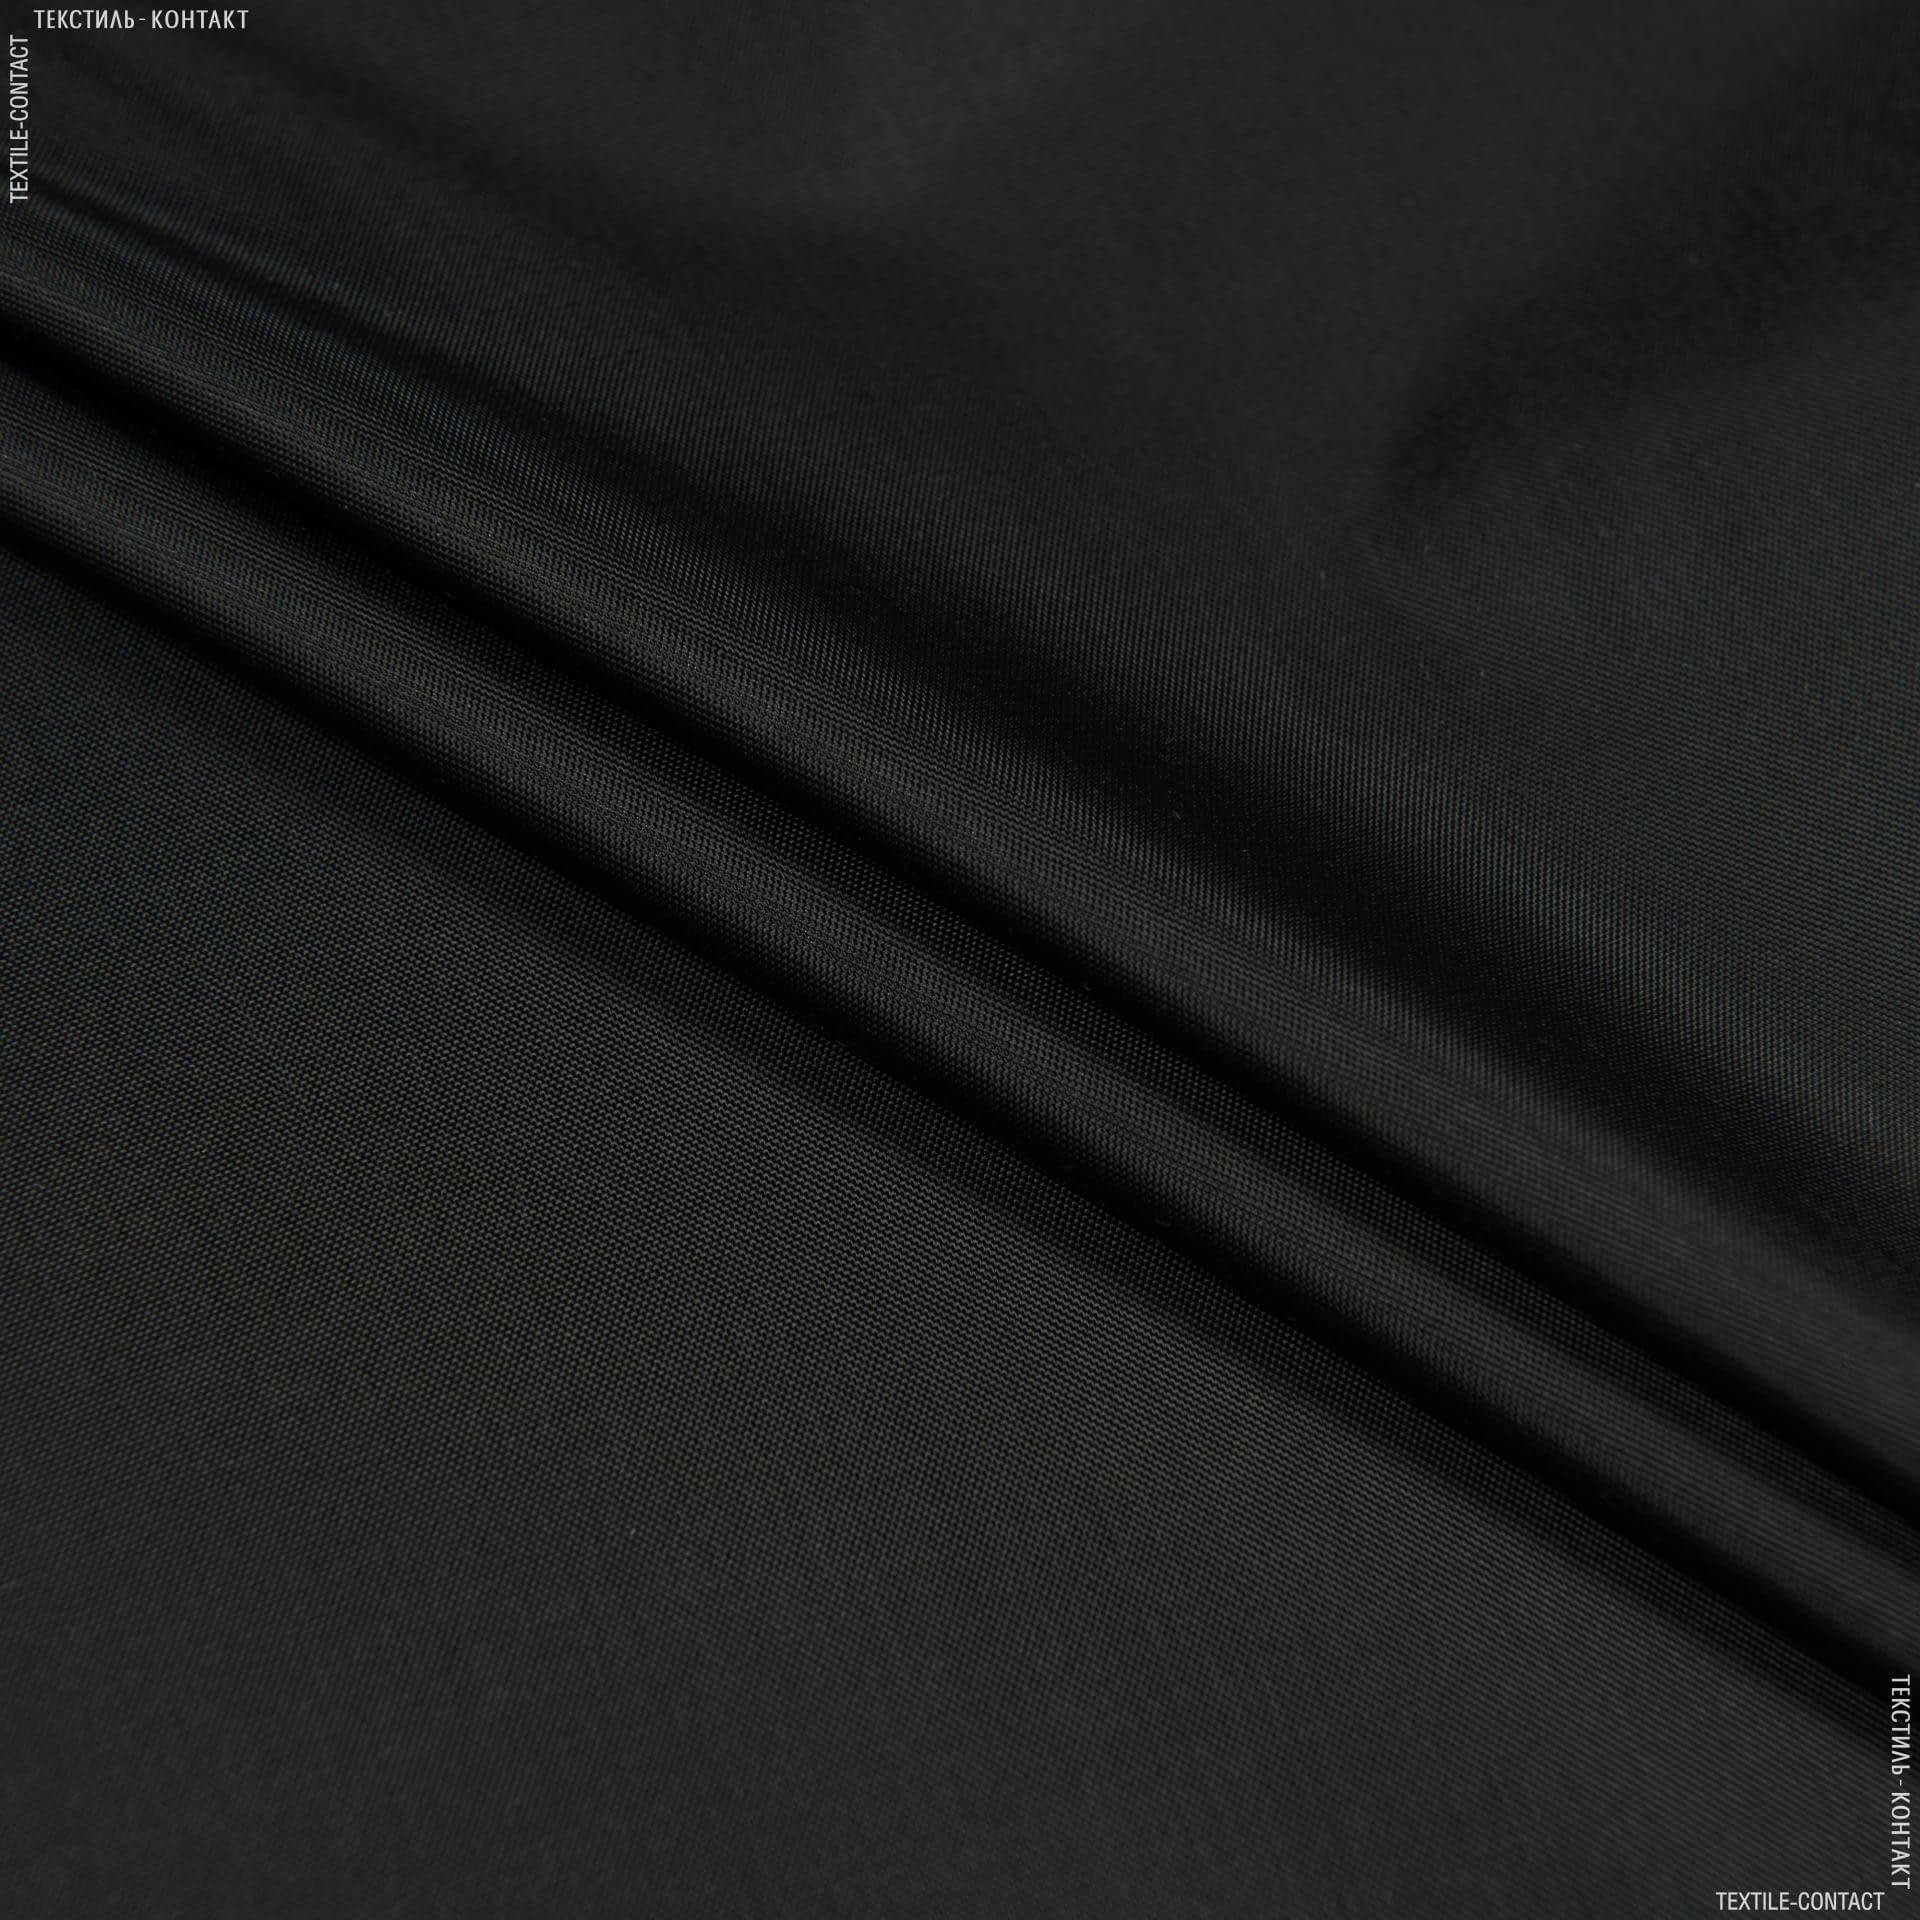 Ткани для верхней одежды - Болония сильвер черный